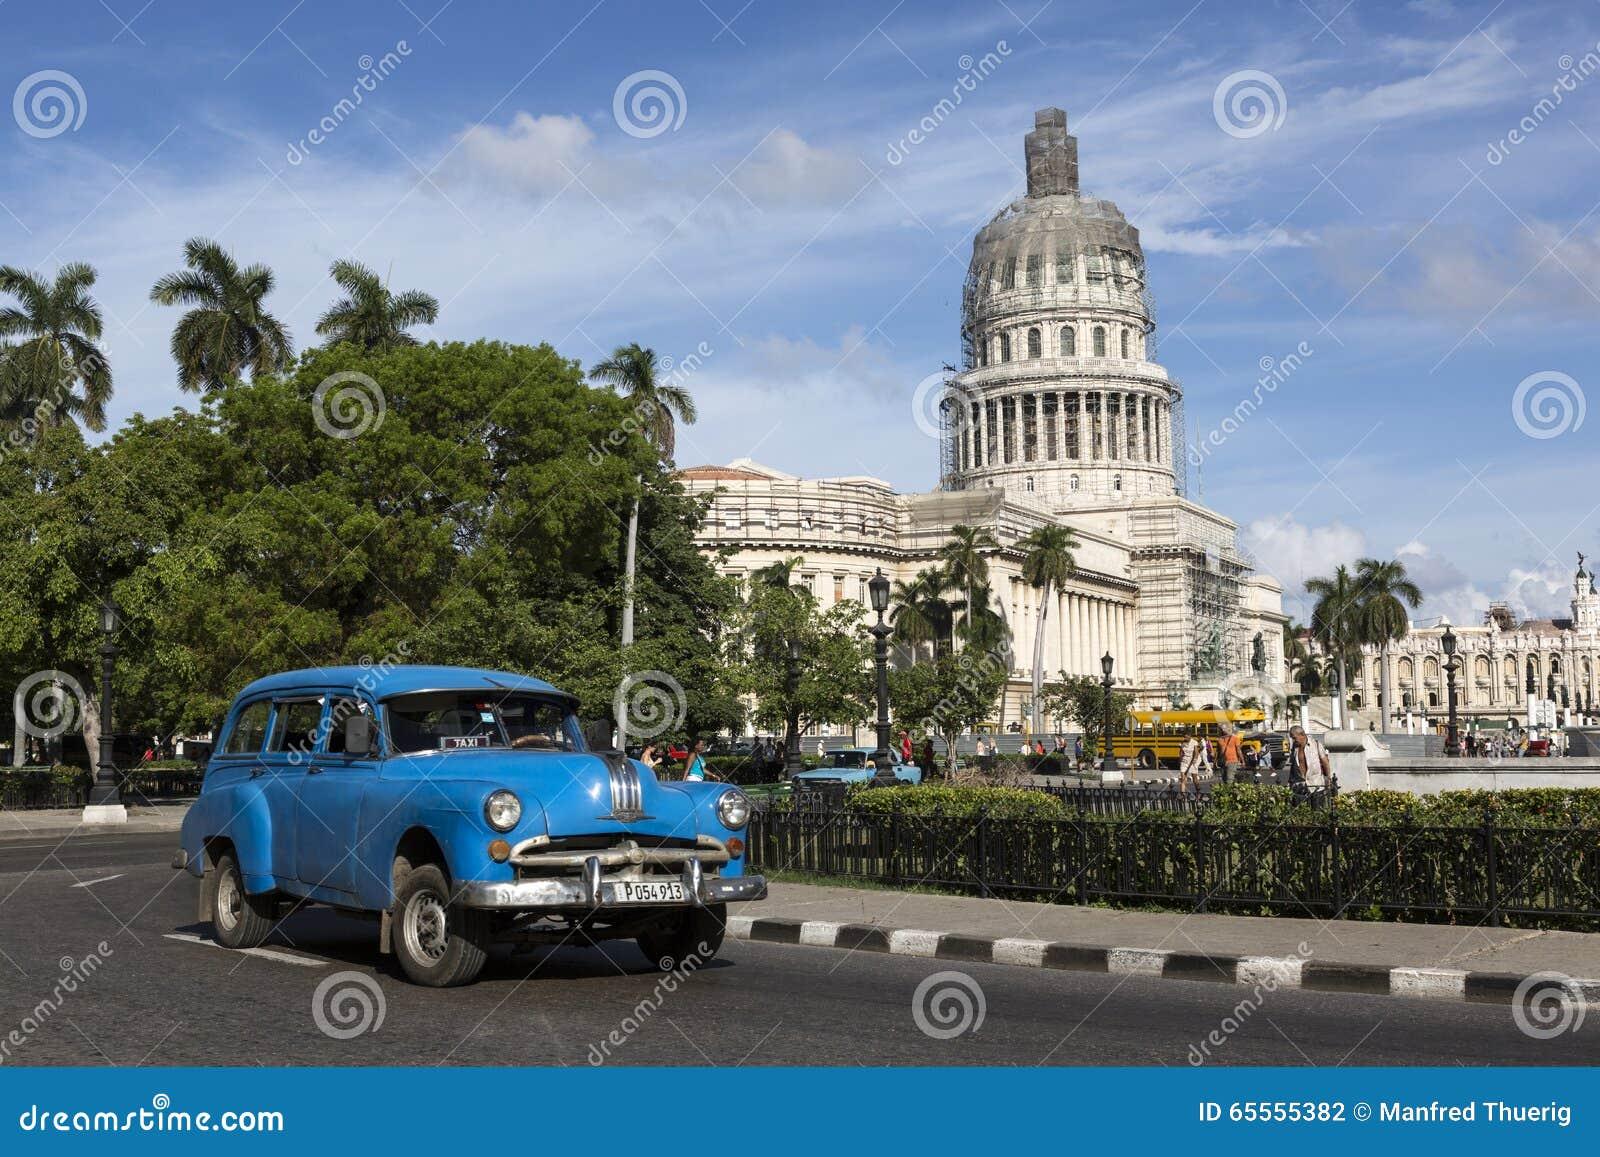 Cuba, La Habana, coche viejo delante de Capitolio